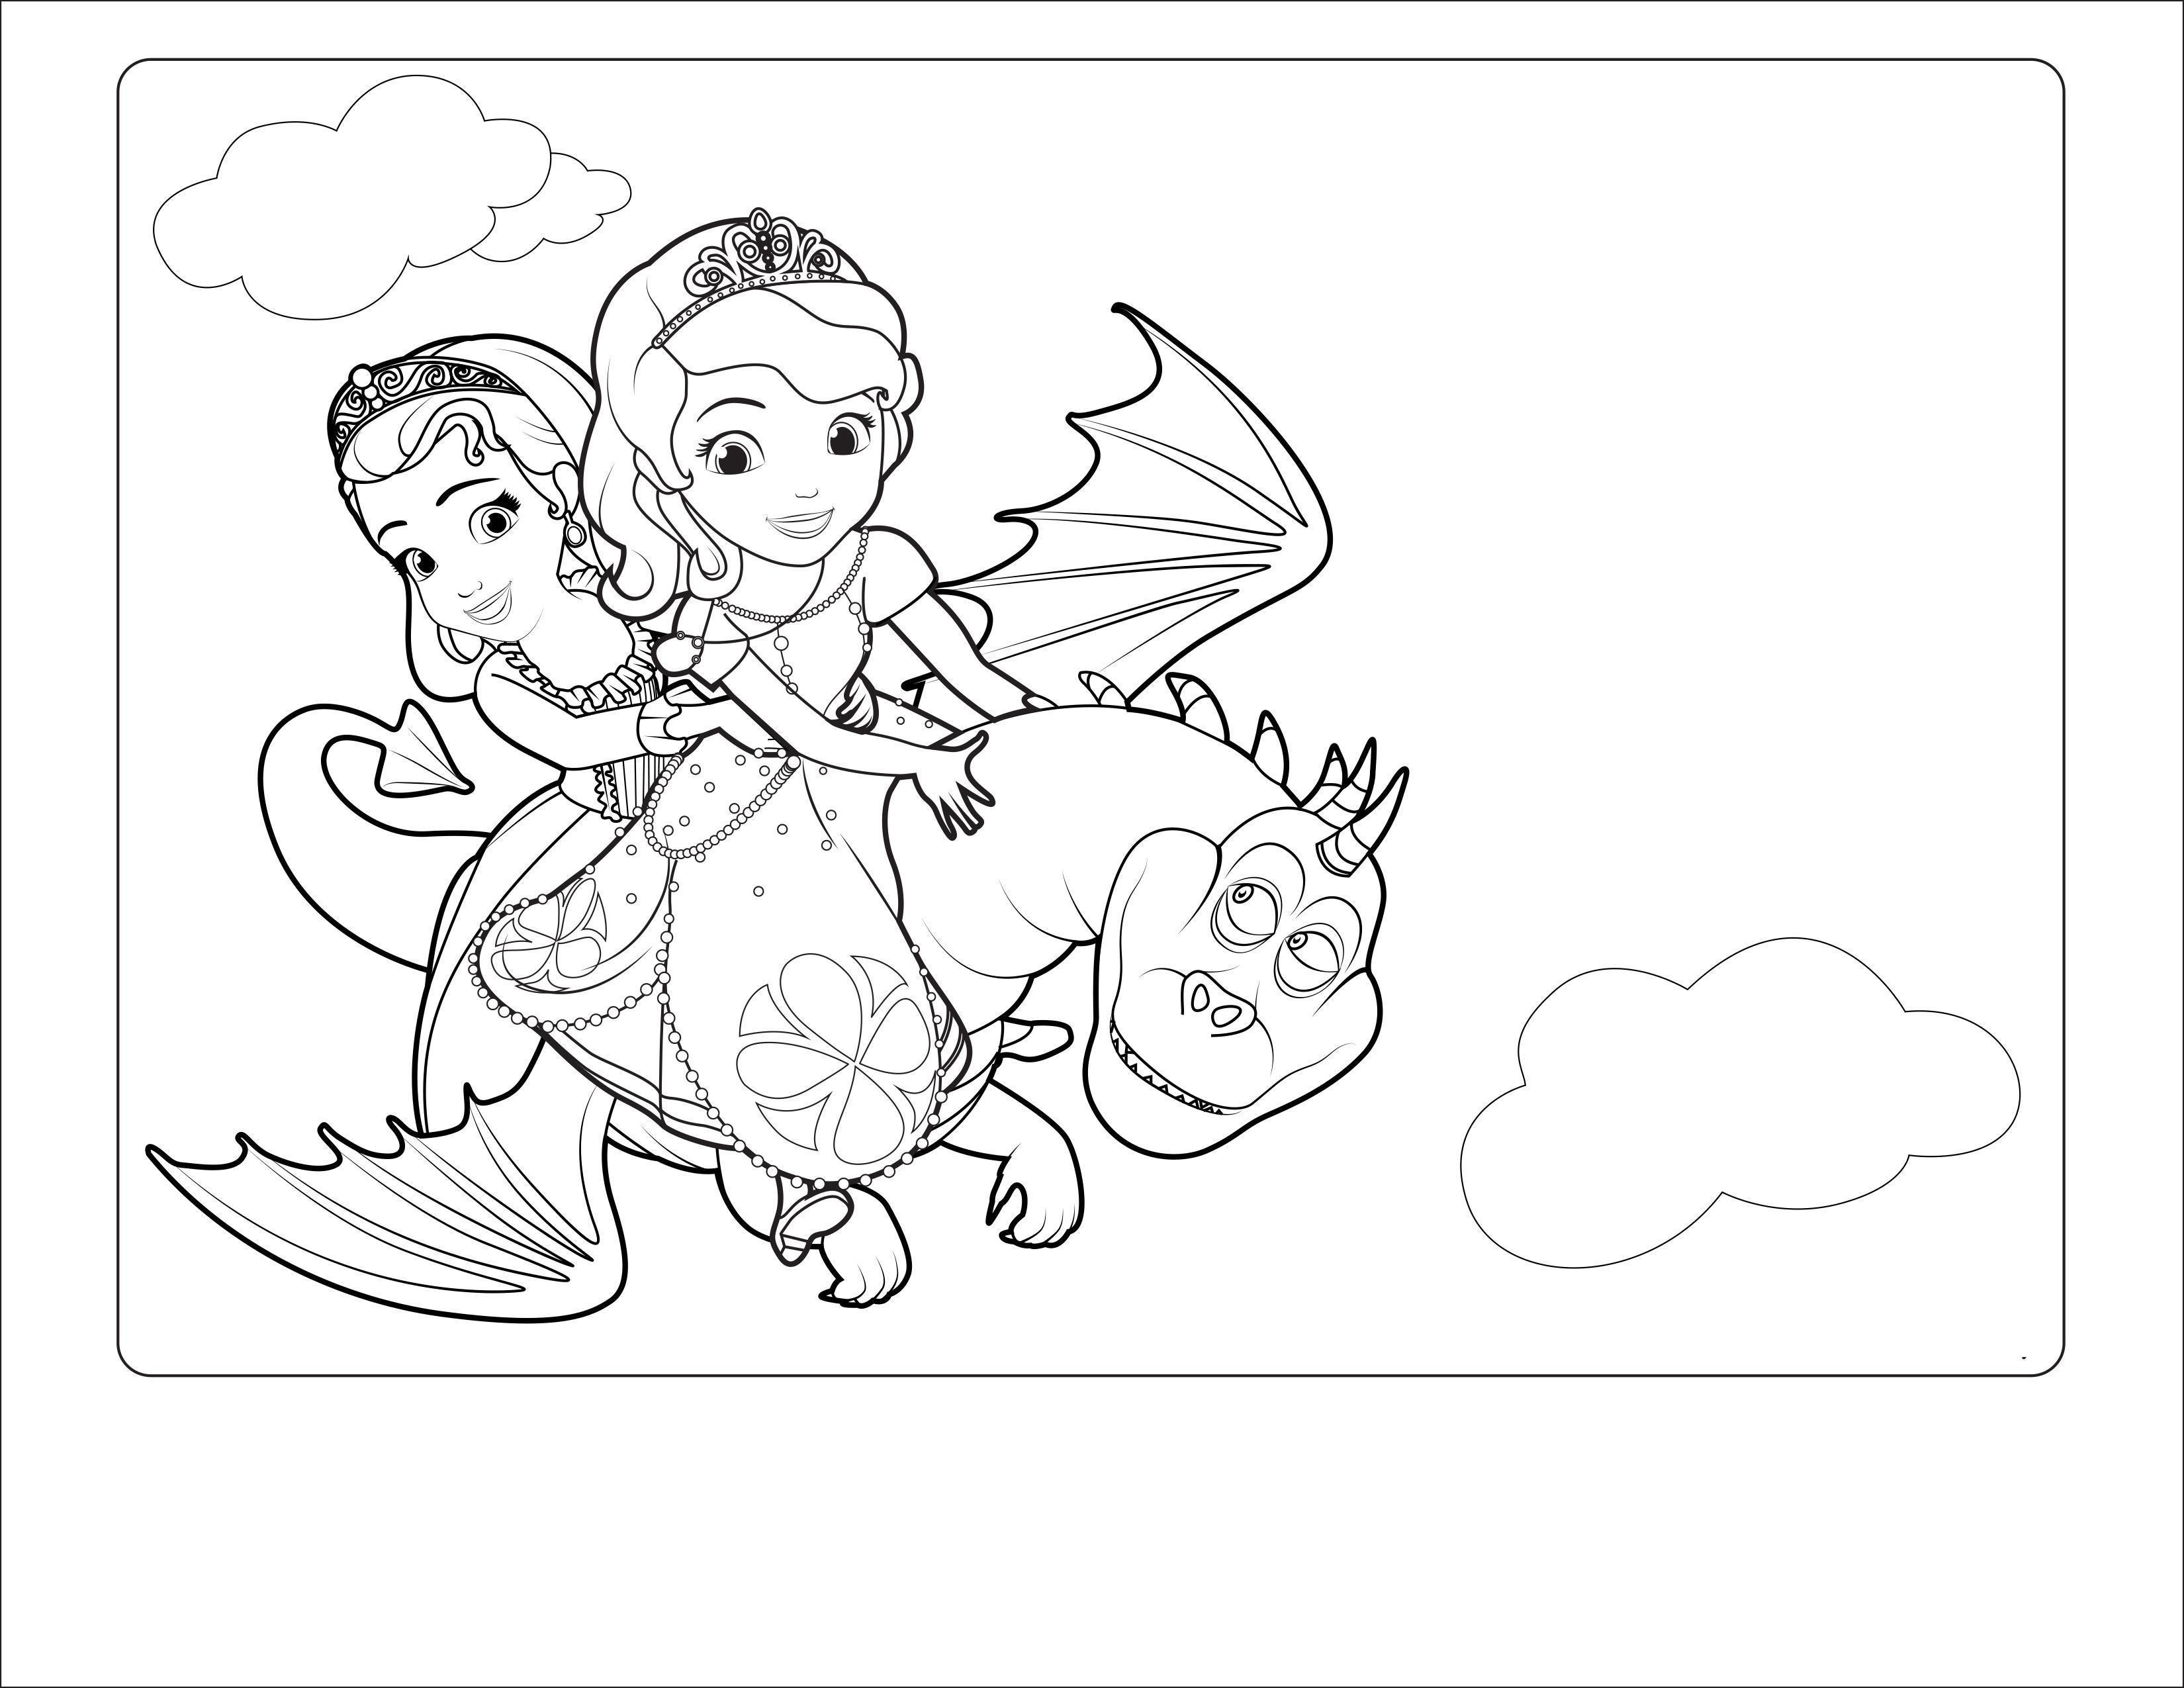 Принцессы на драконе Раскраски с цветами распечатать бесплатно